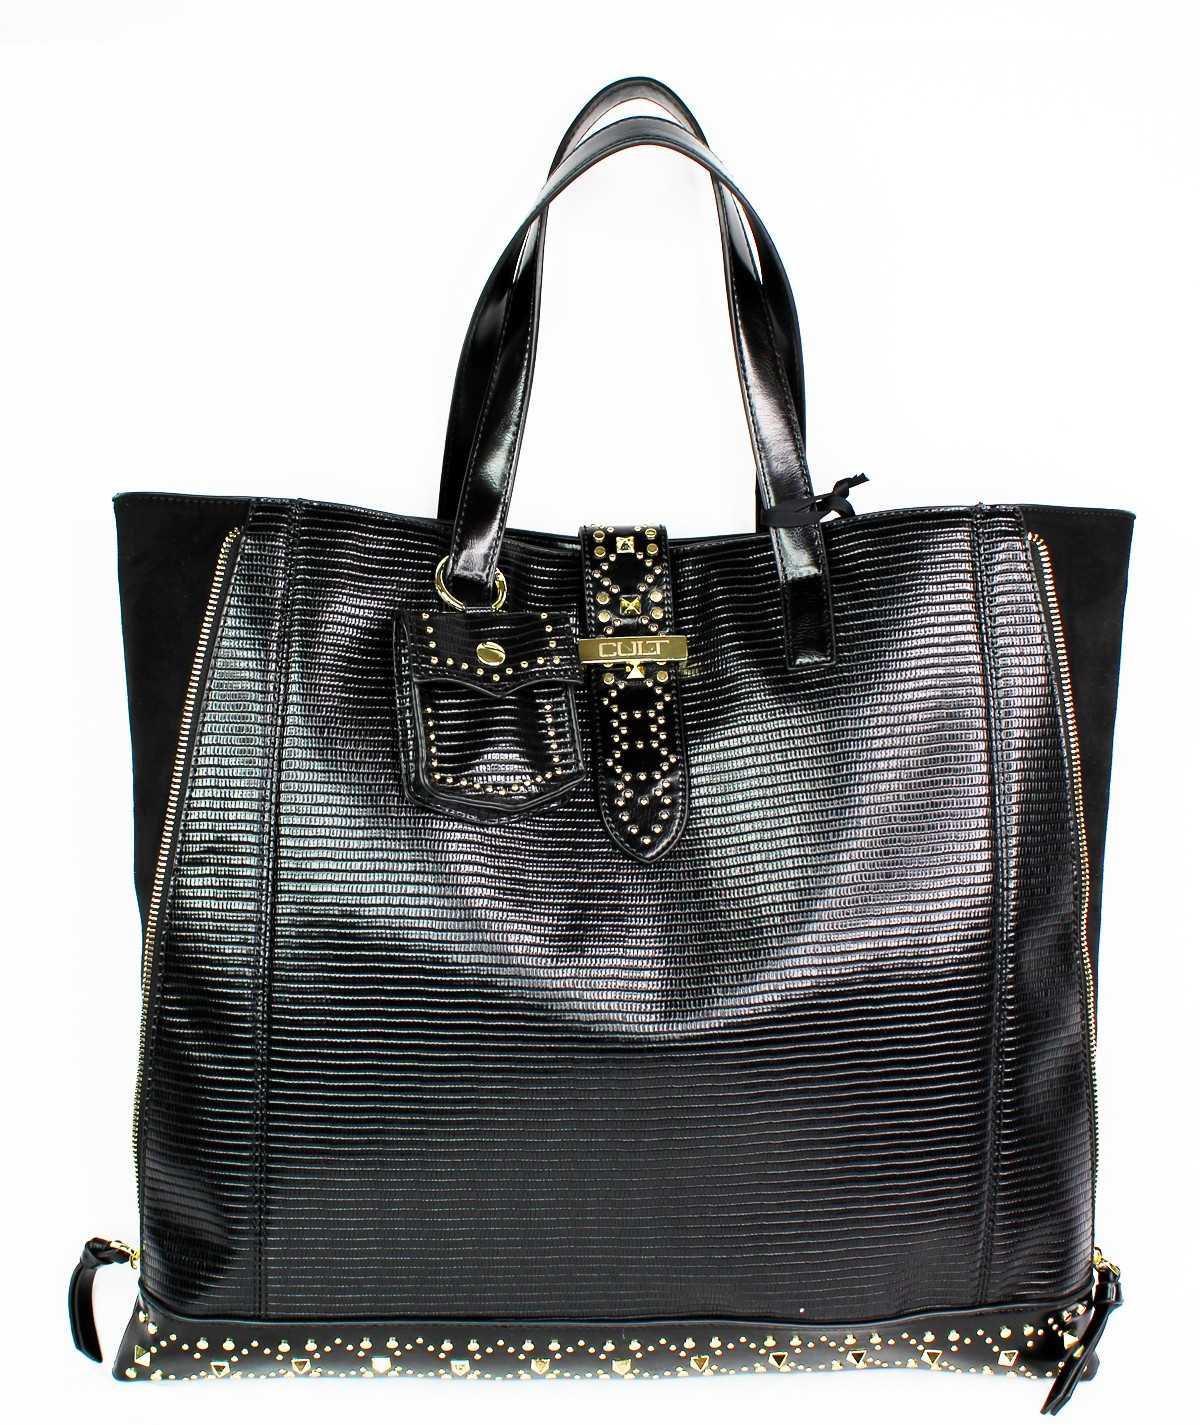 CULT Shopper Bag